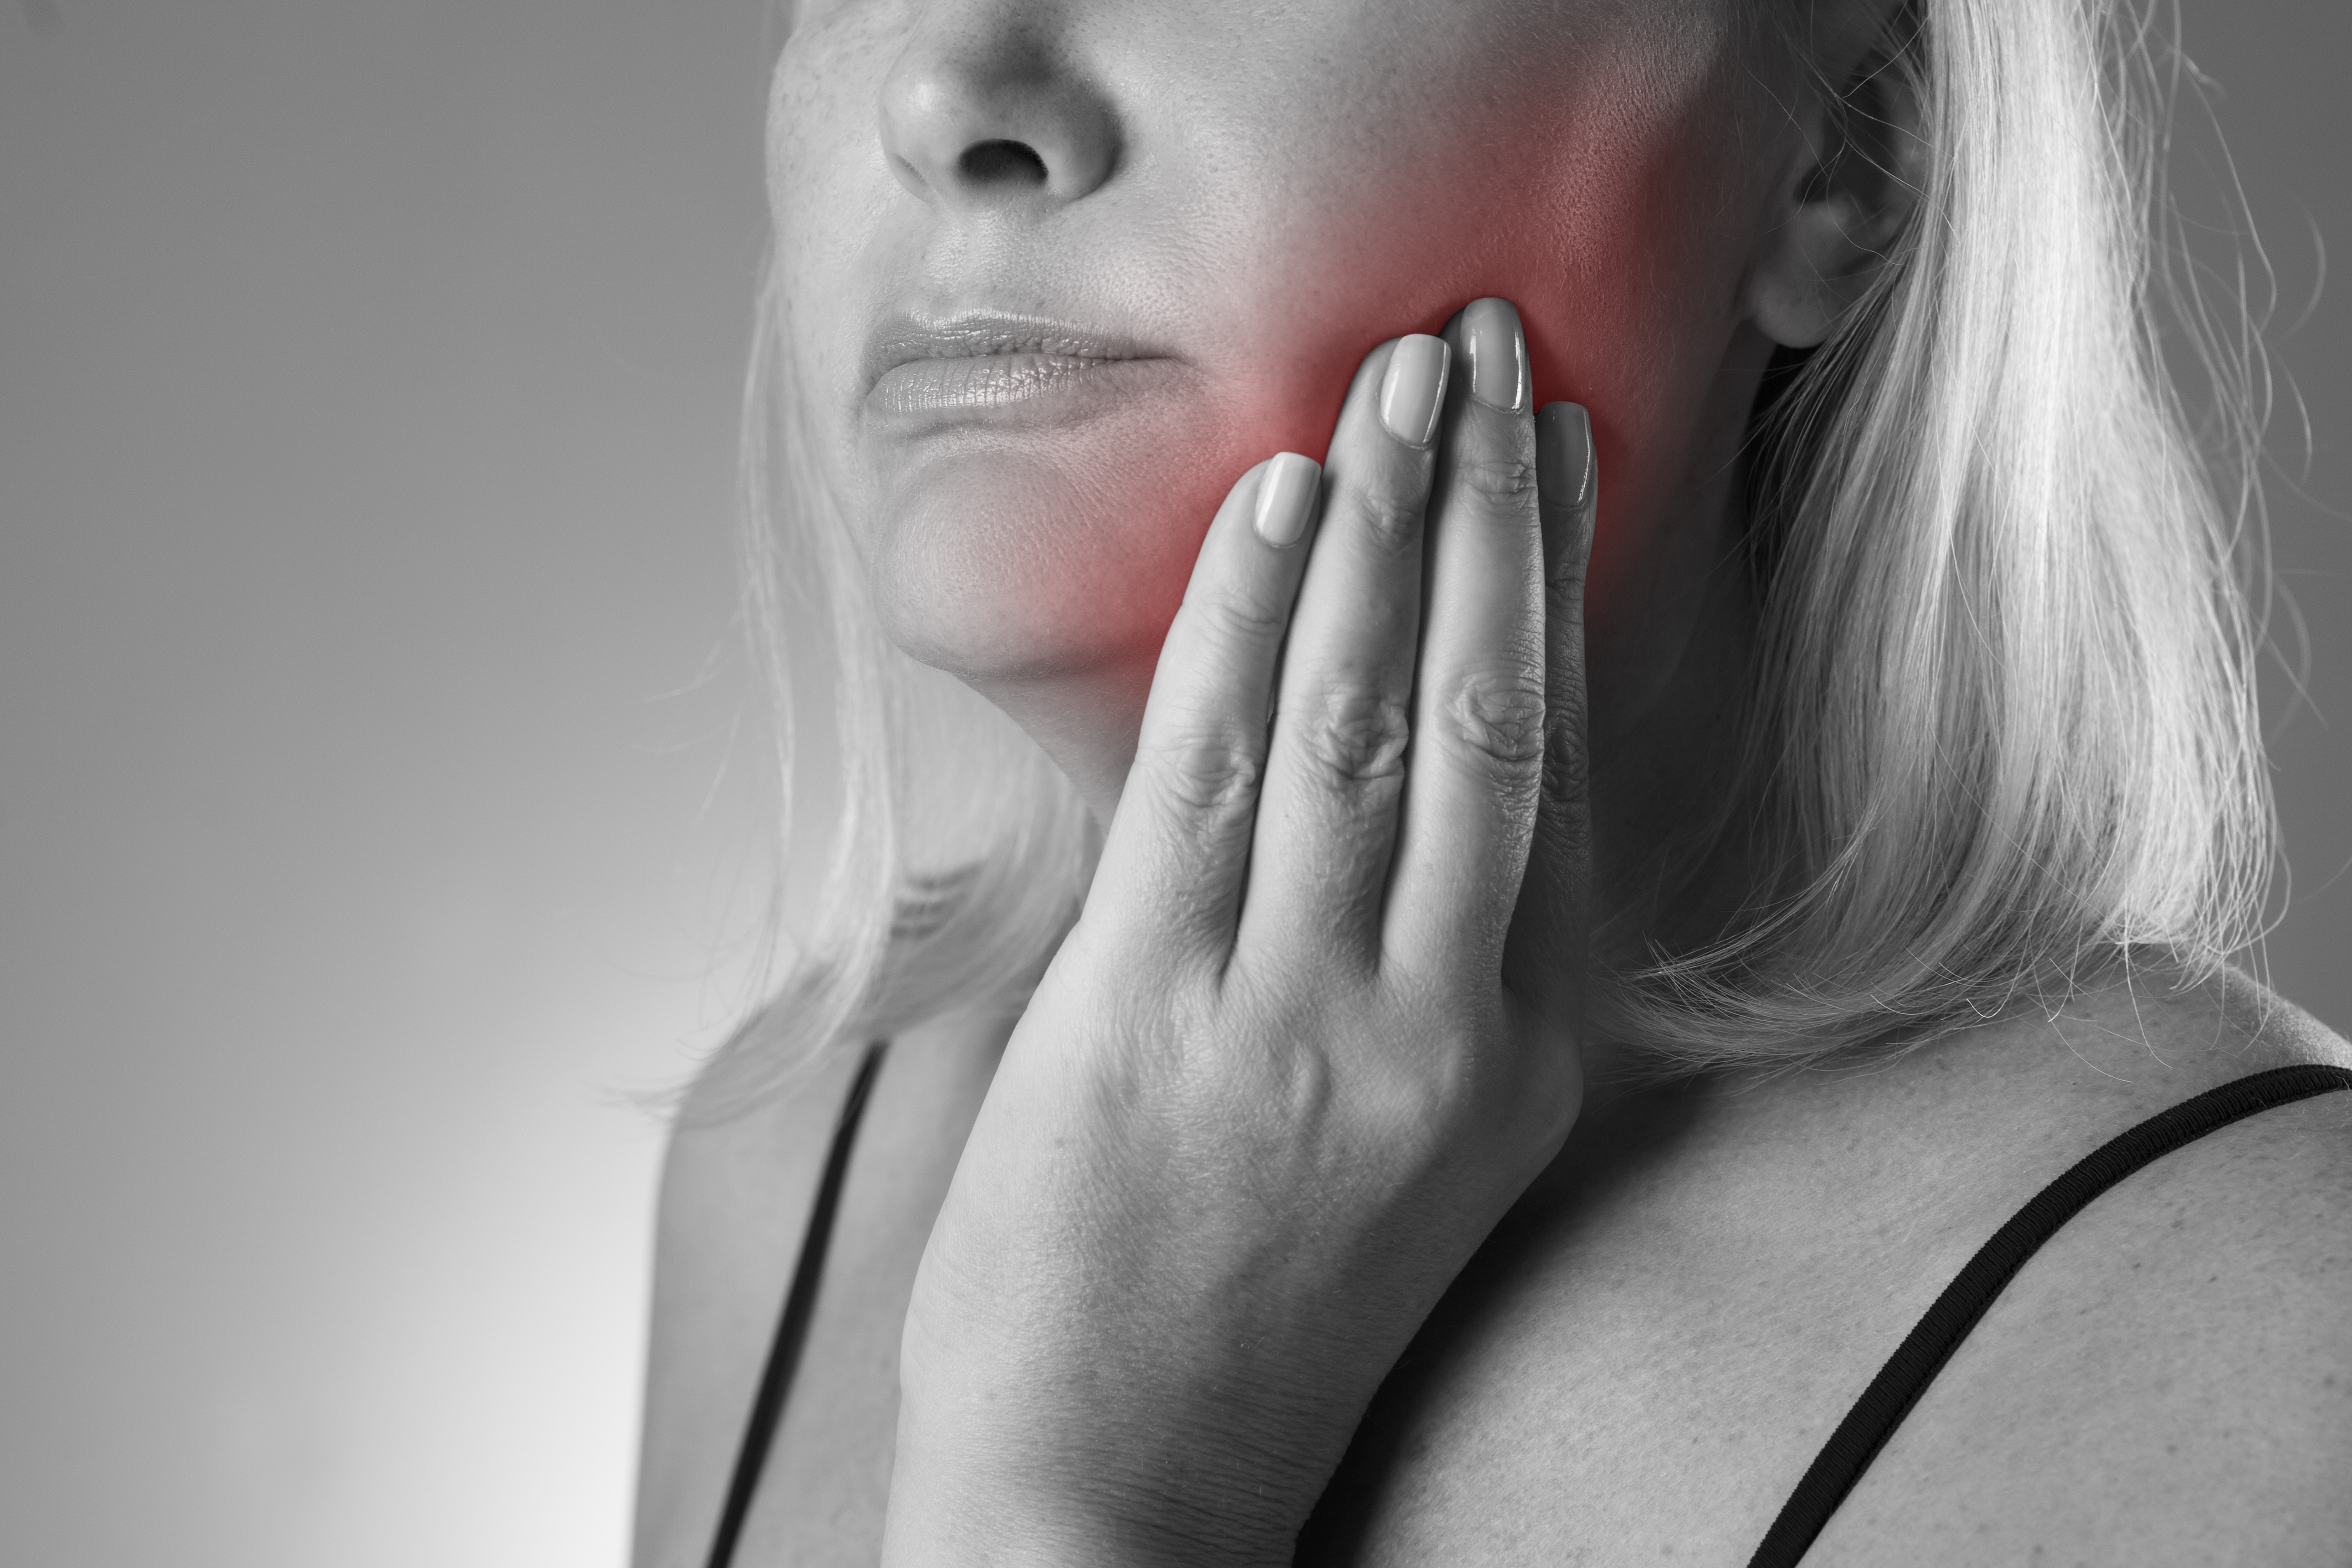 Svullenhet och ömhet i eller kring munhålan är ett typiskt symtom på spottkörtelsten.